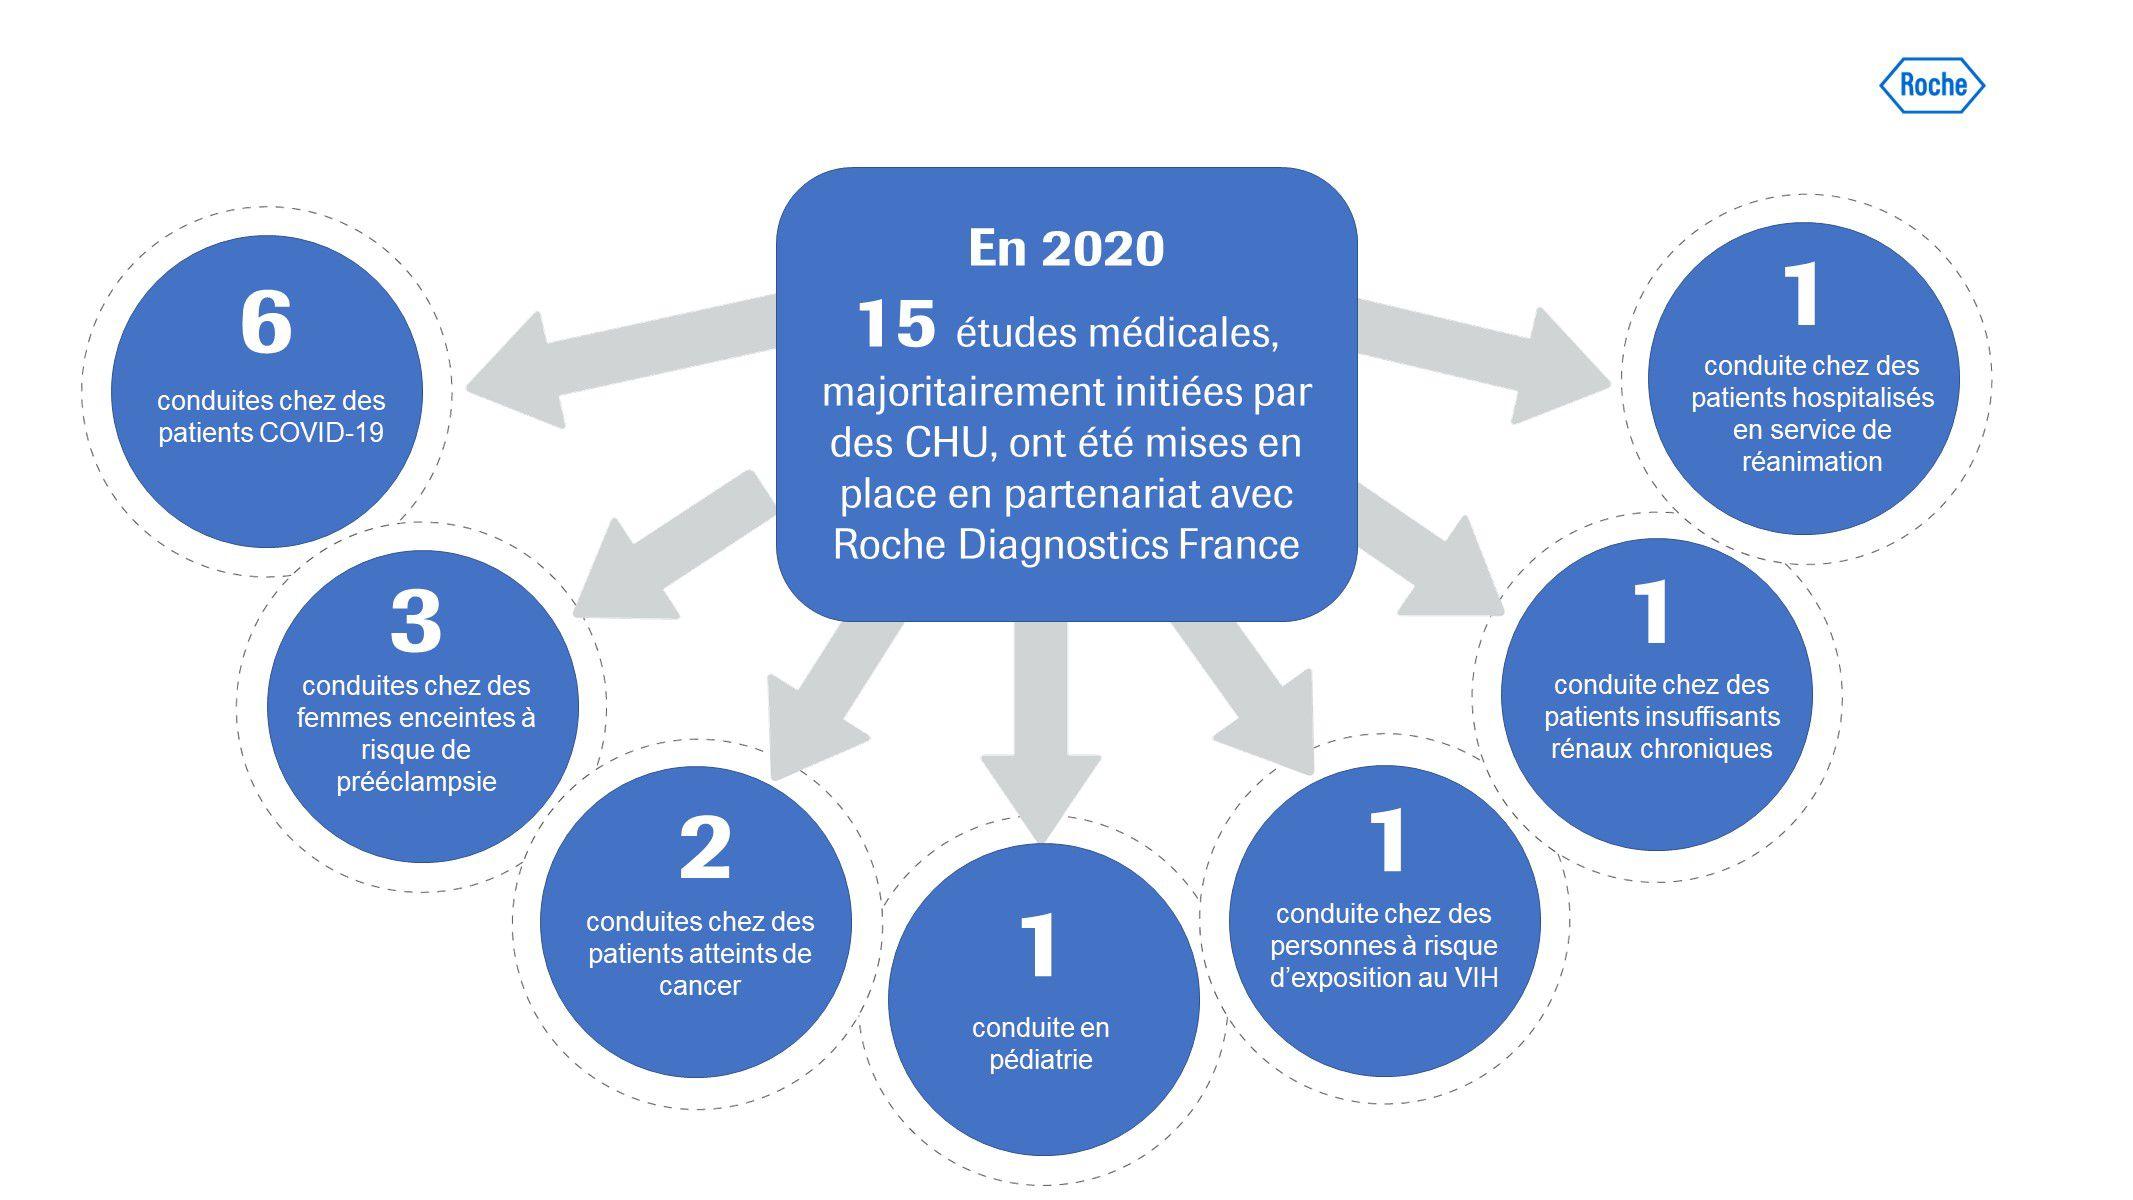 Nombre études médicales en 2020